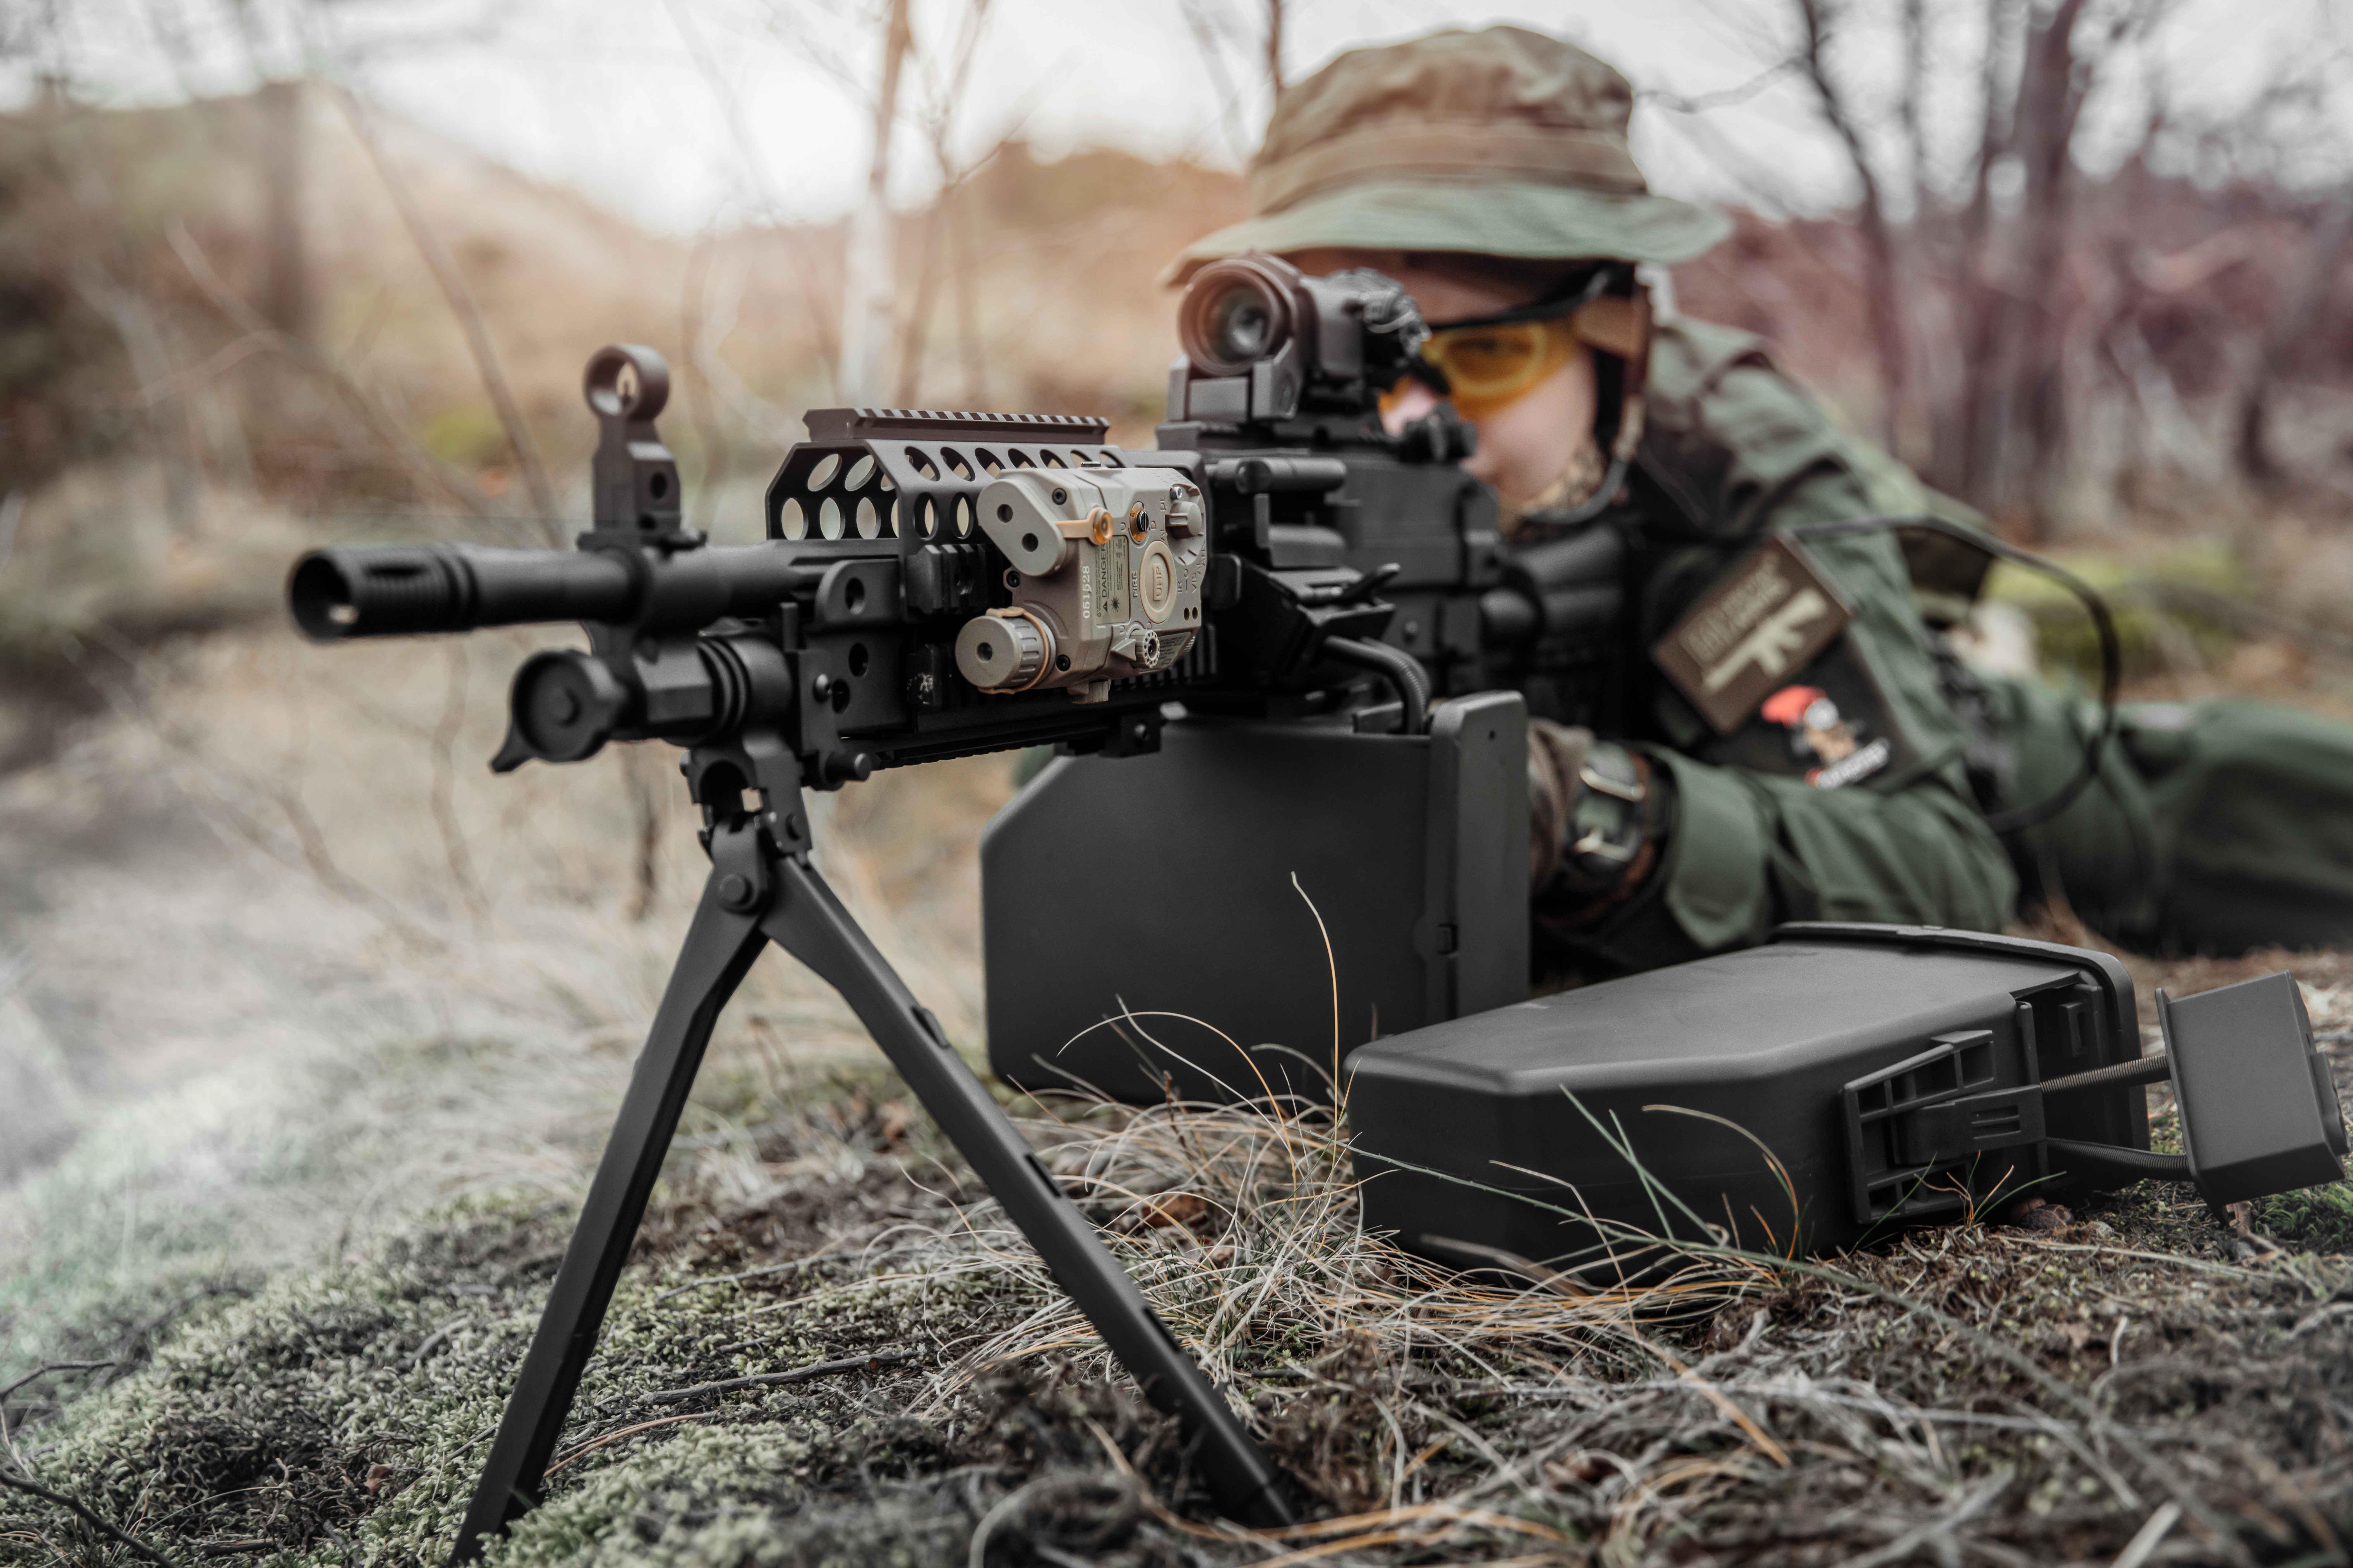 réplique d'une mitrailleuse de l'arme Specna ; homme en uniforme visant la réplique ; bipod